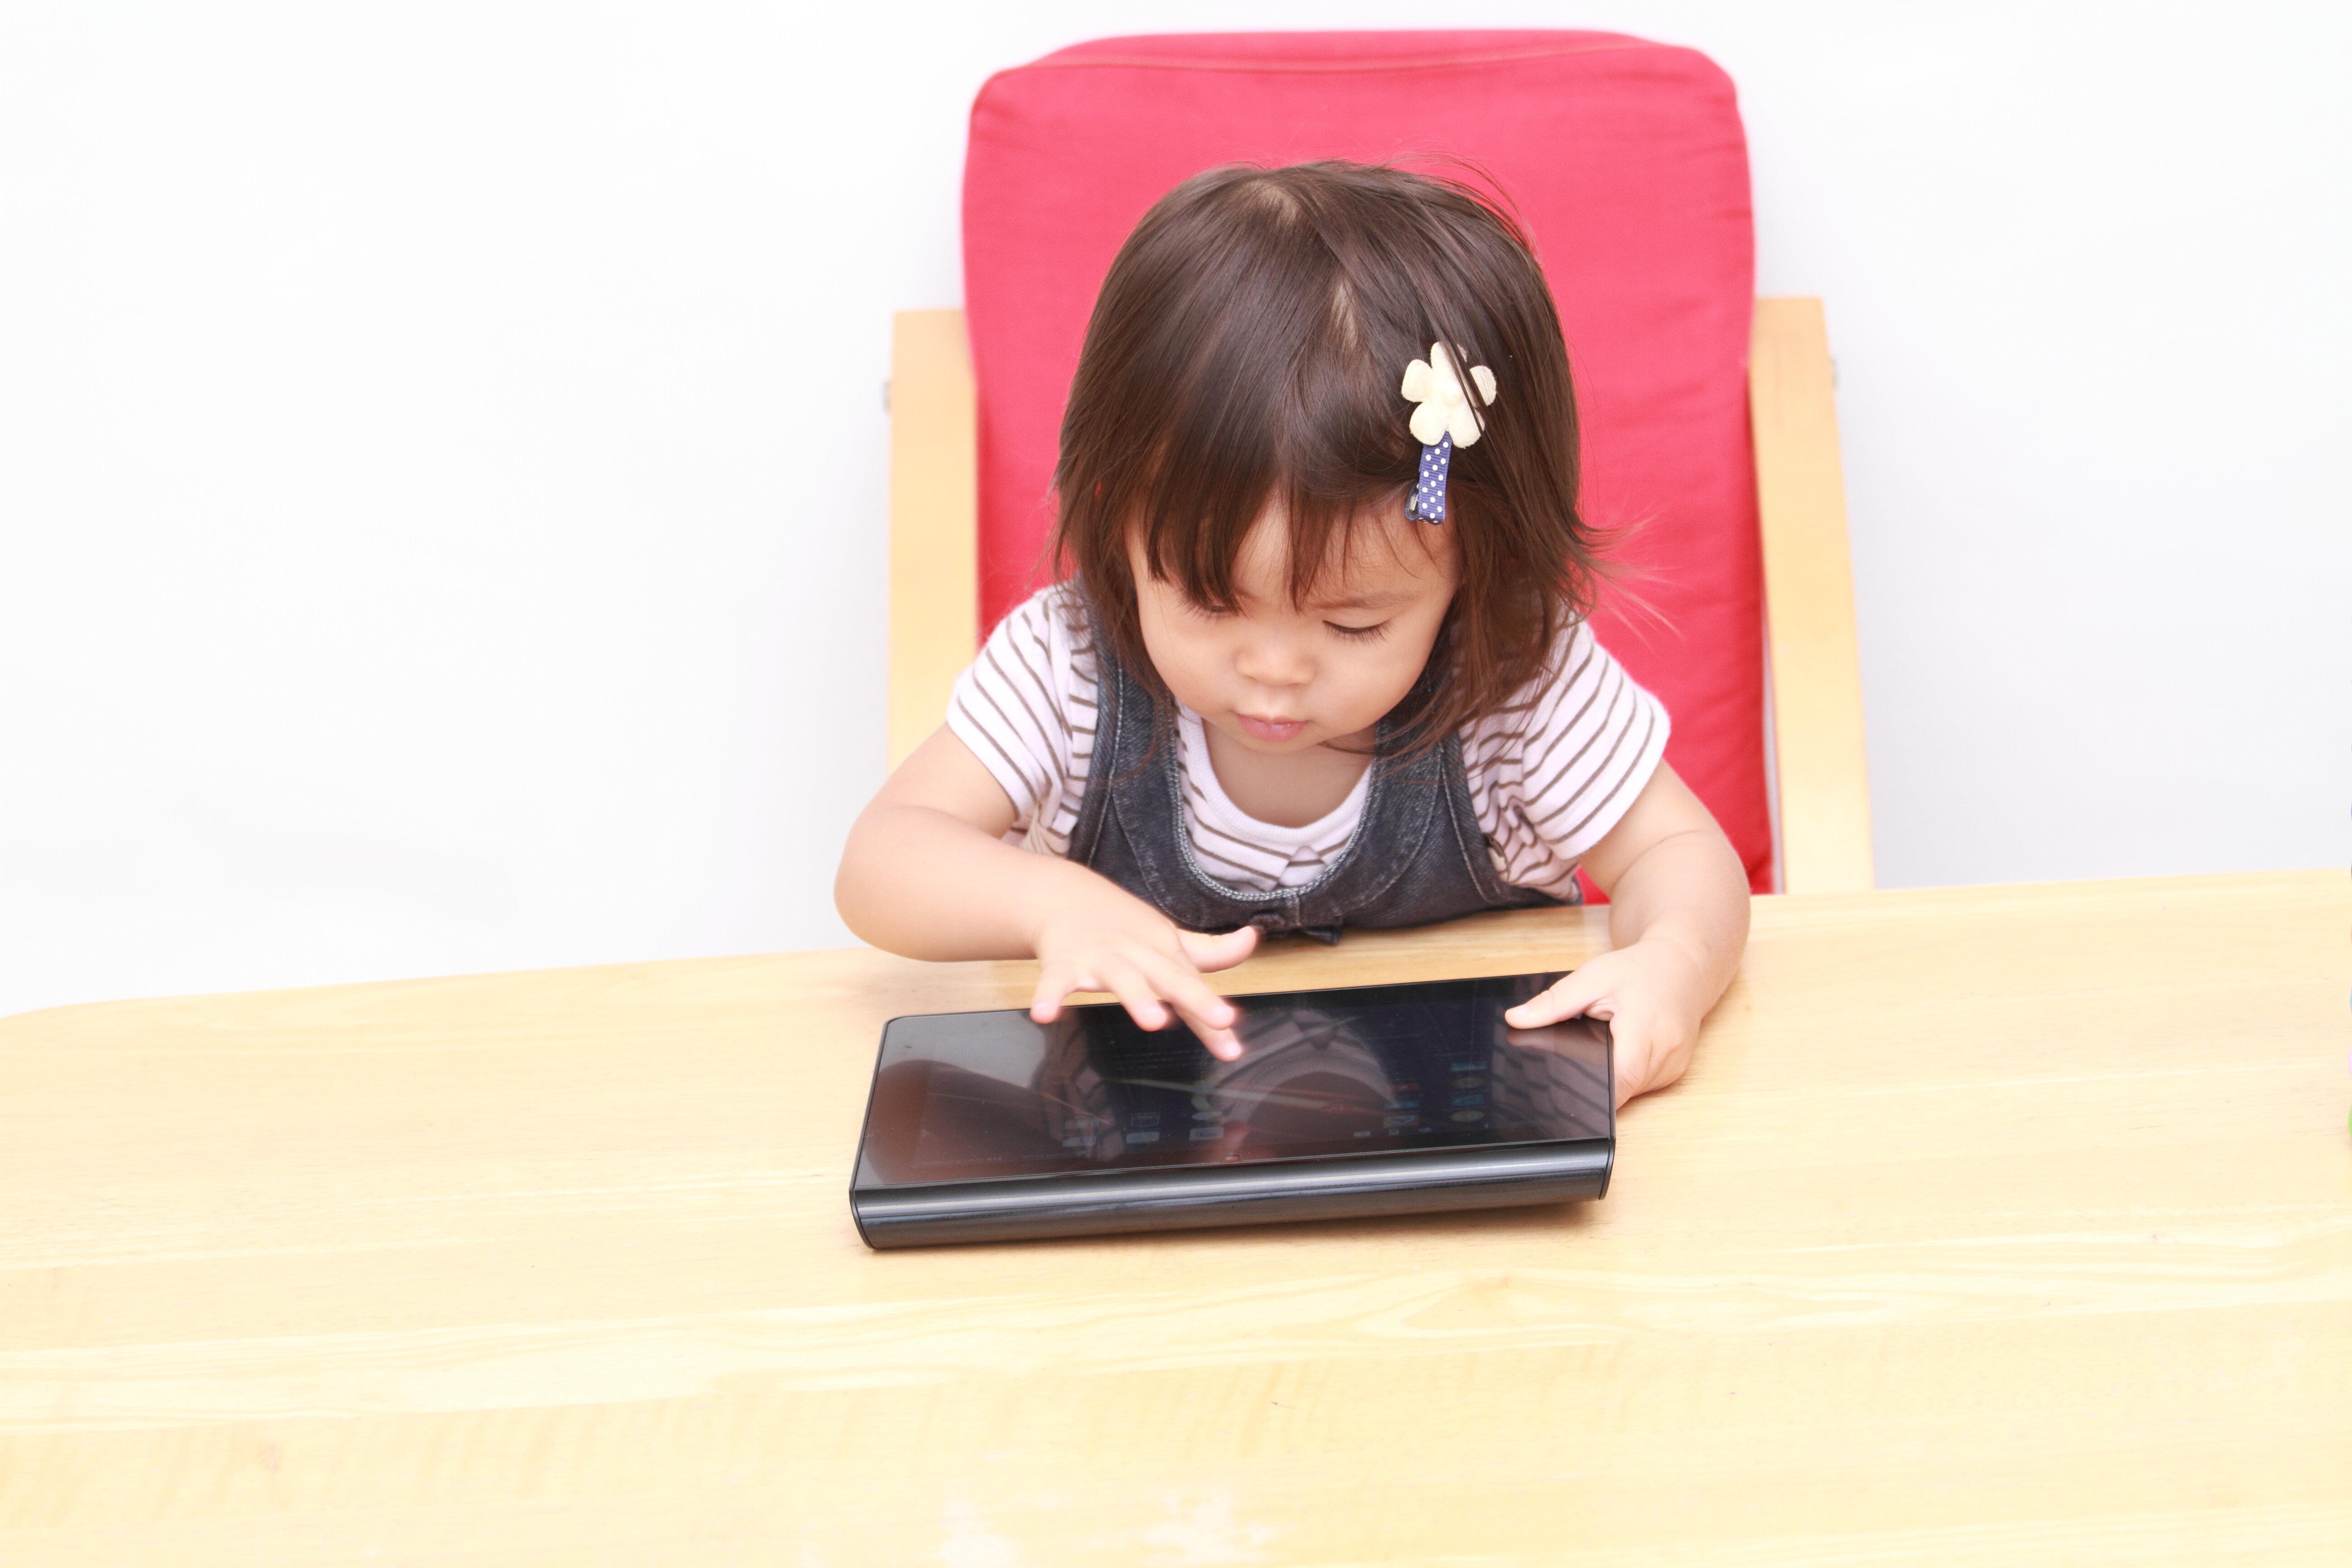 結構キビシイかも...「1歳以下の子供にスマホを見せないで」WHOが発表